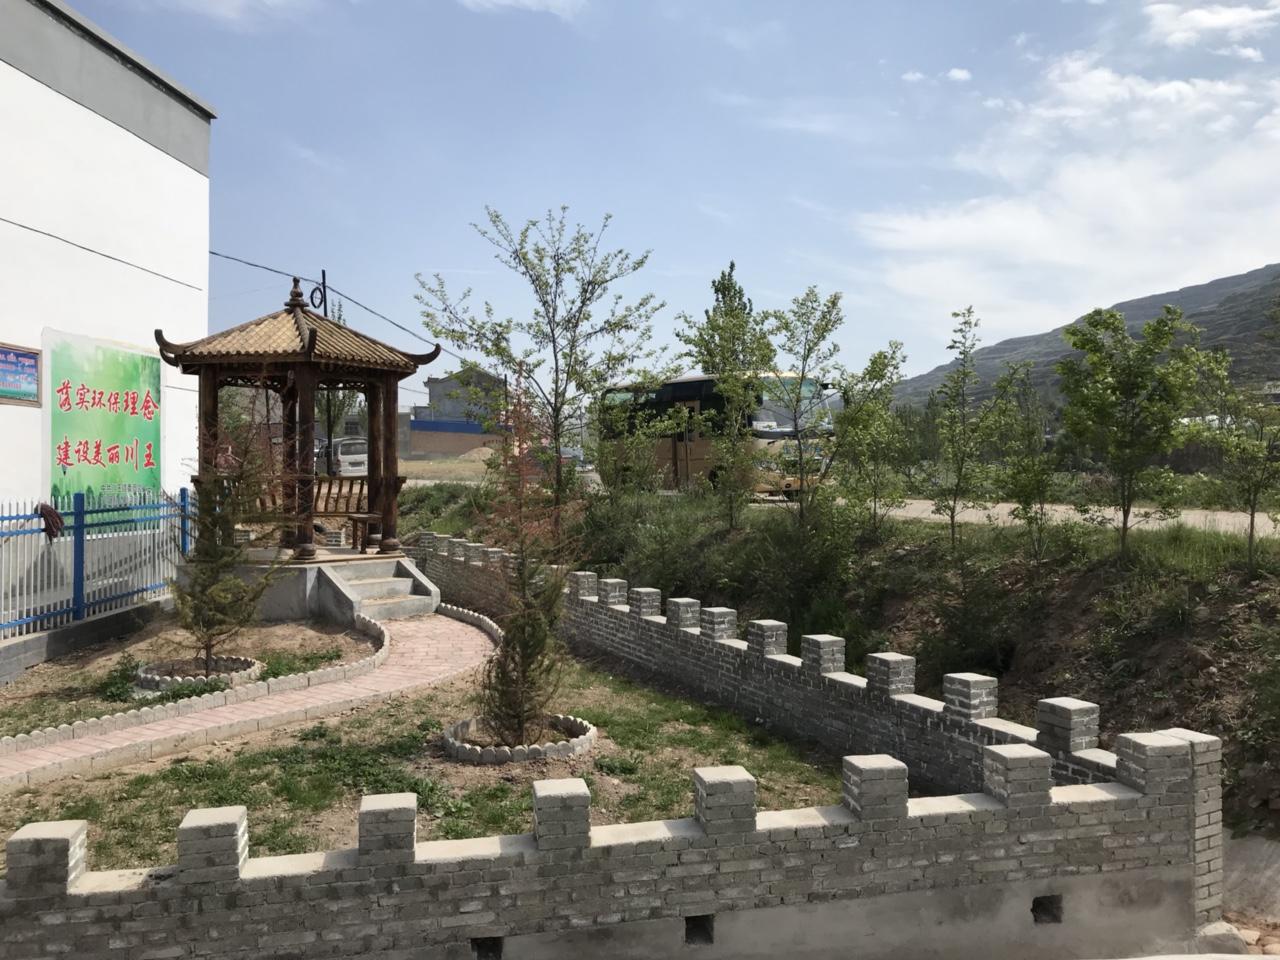 【文化惠民】川王镇村级综合文化服务中心风�迷人